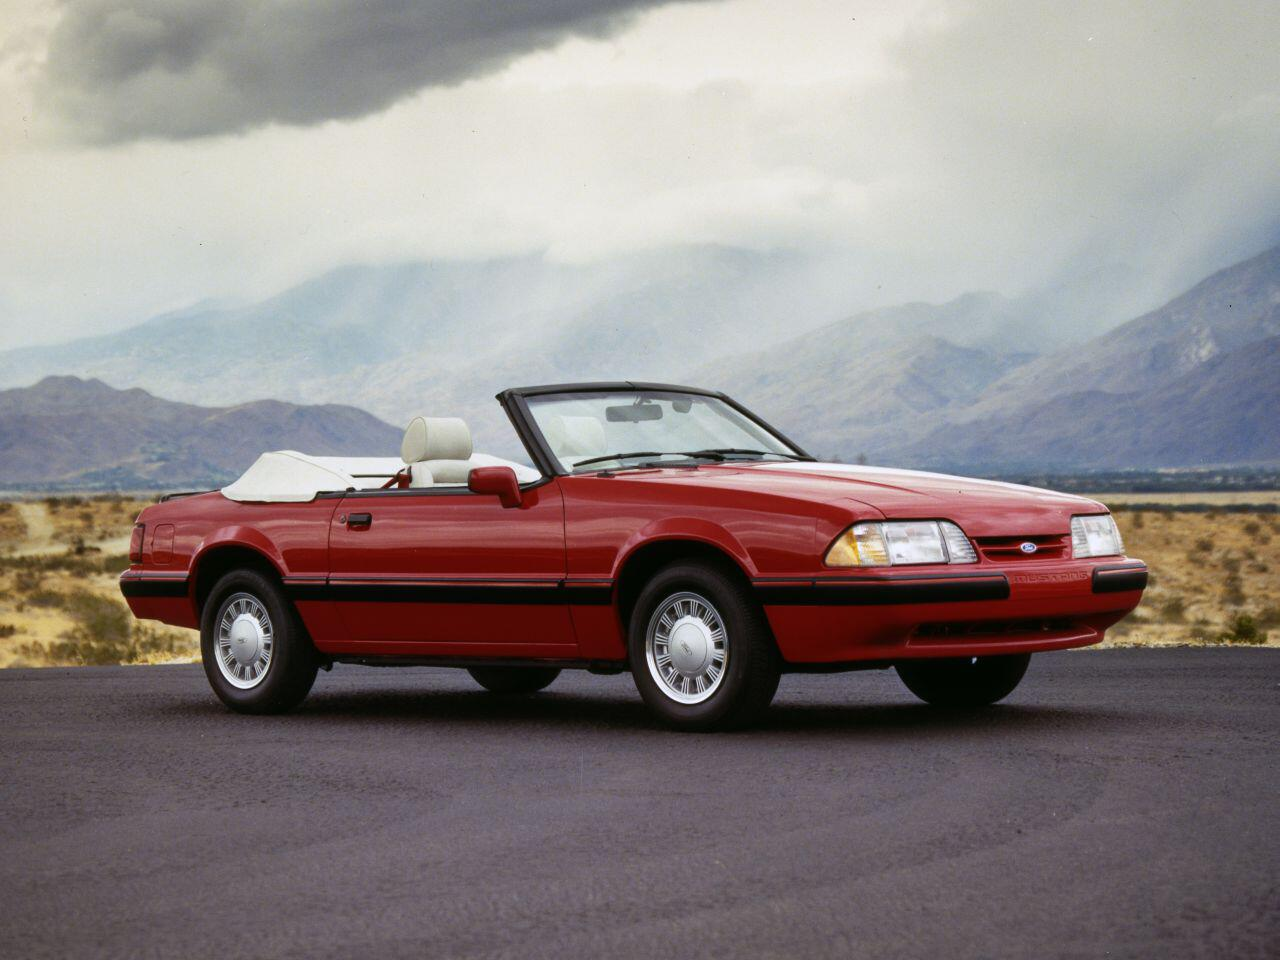 Bild zu 30-jähriges Jubiläum des Mustang: Die dritte Baureihe war ein voller Erfolg